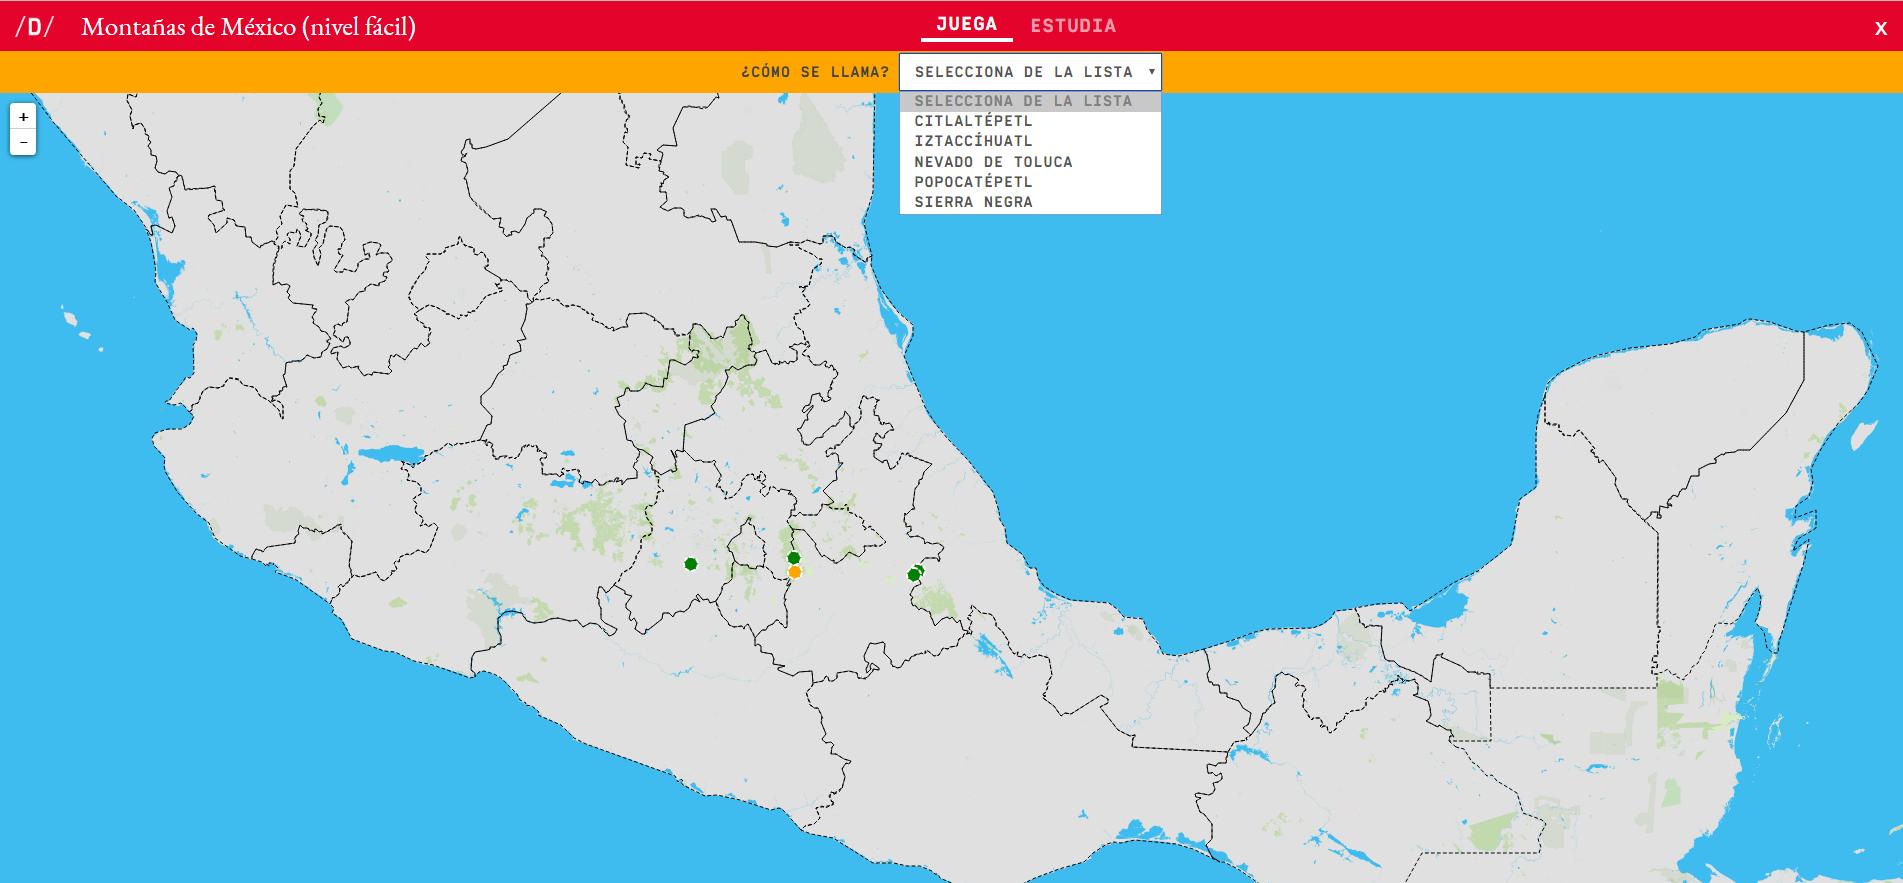 Montañas de México (nivel doado)